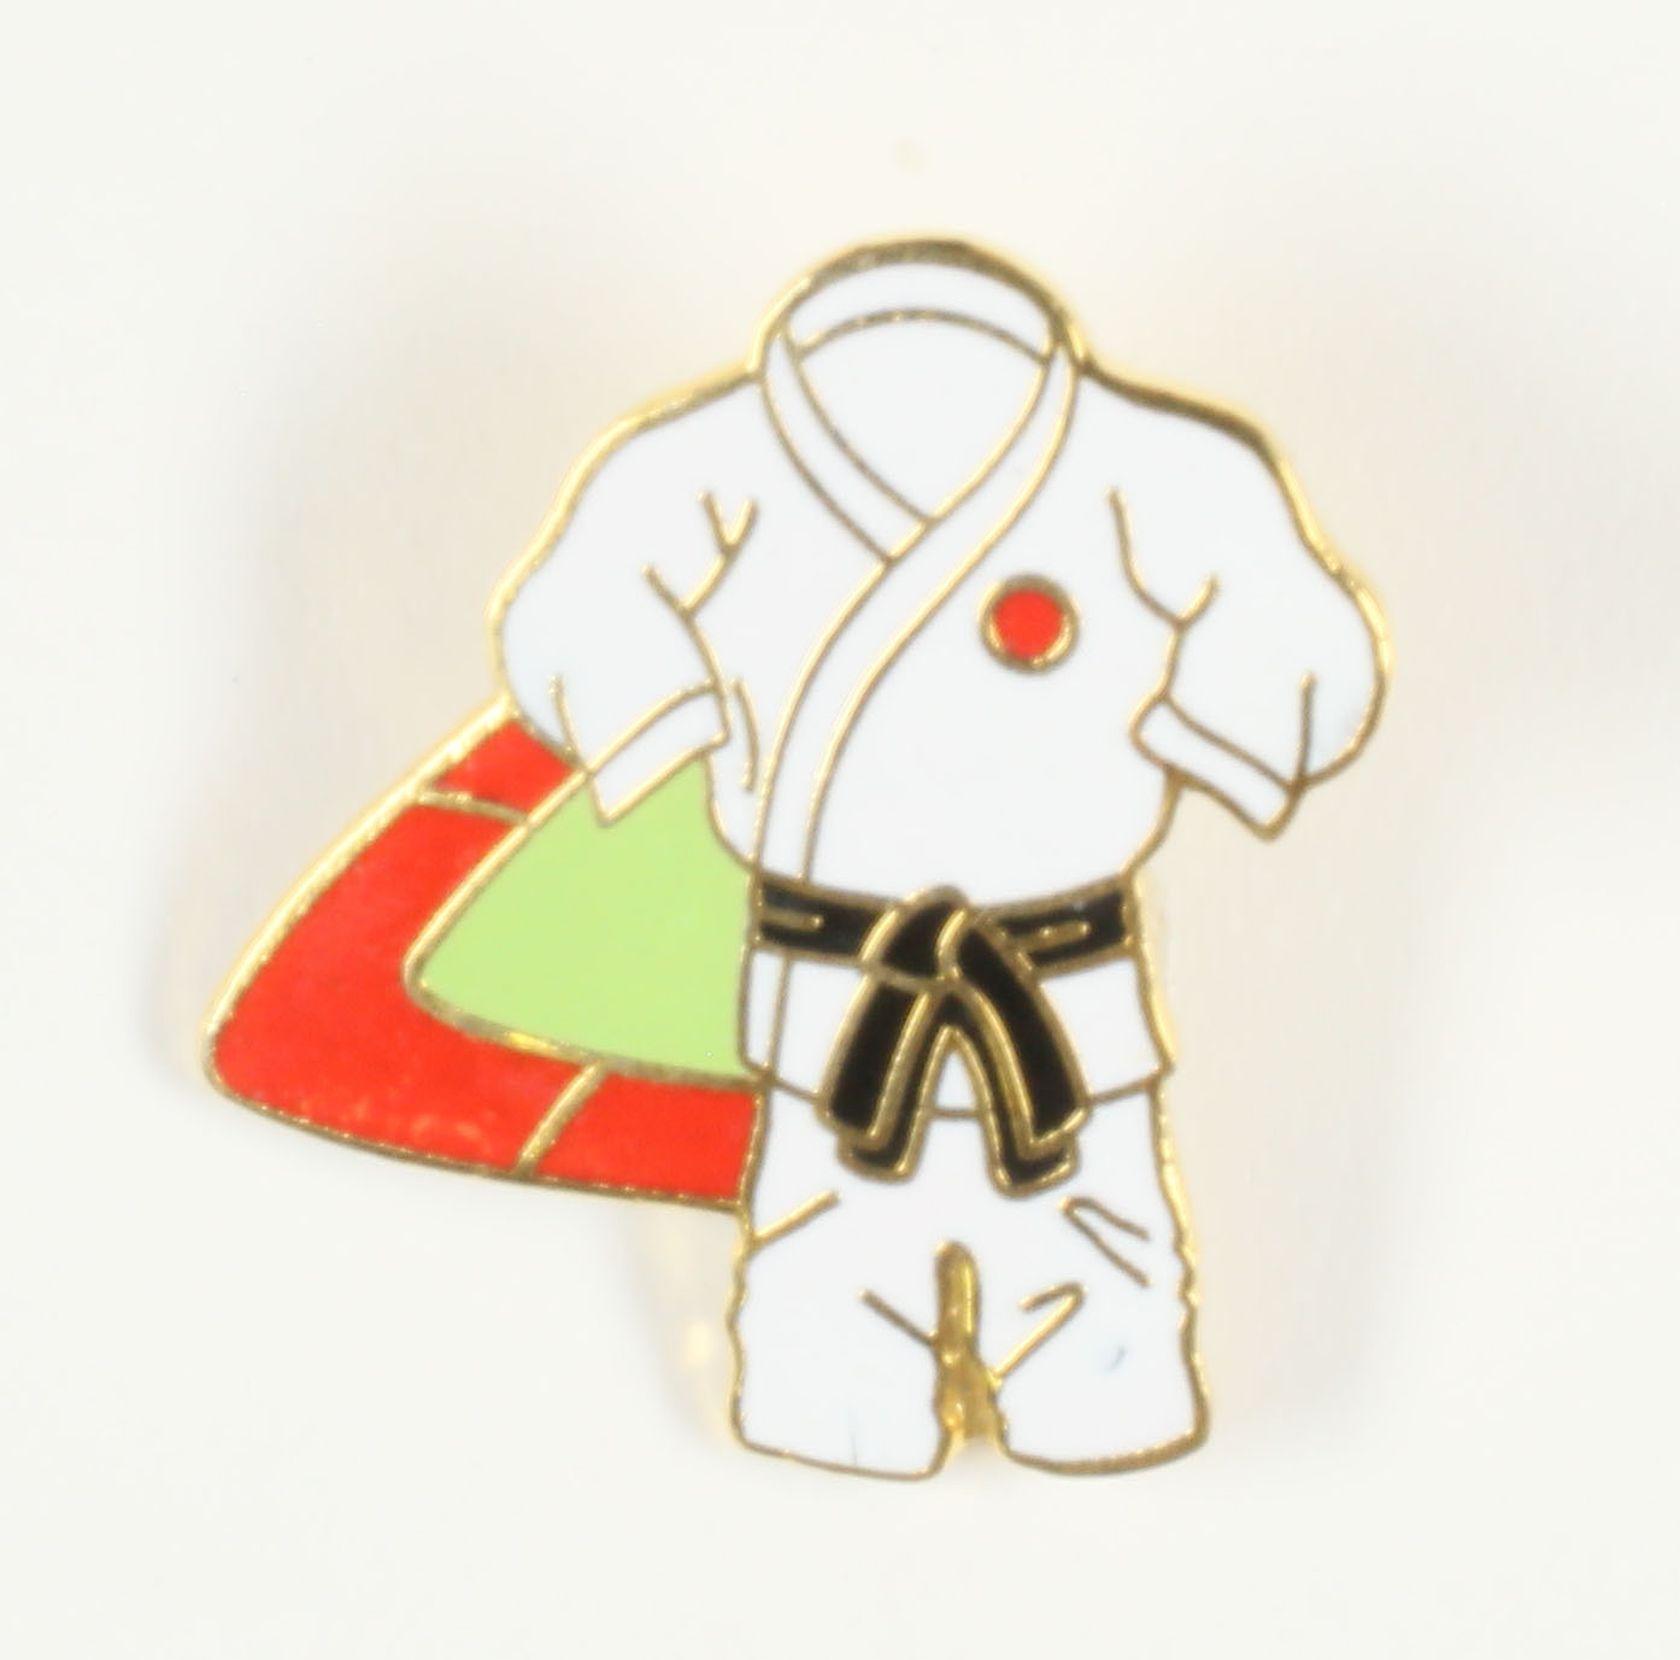 Kimono ceinture noire